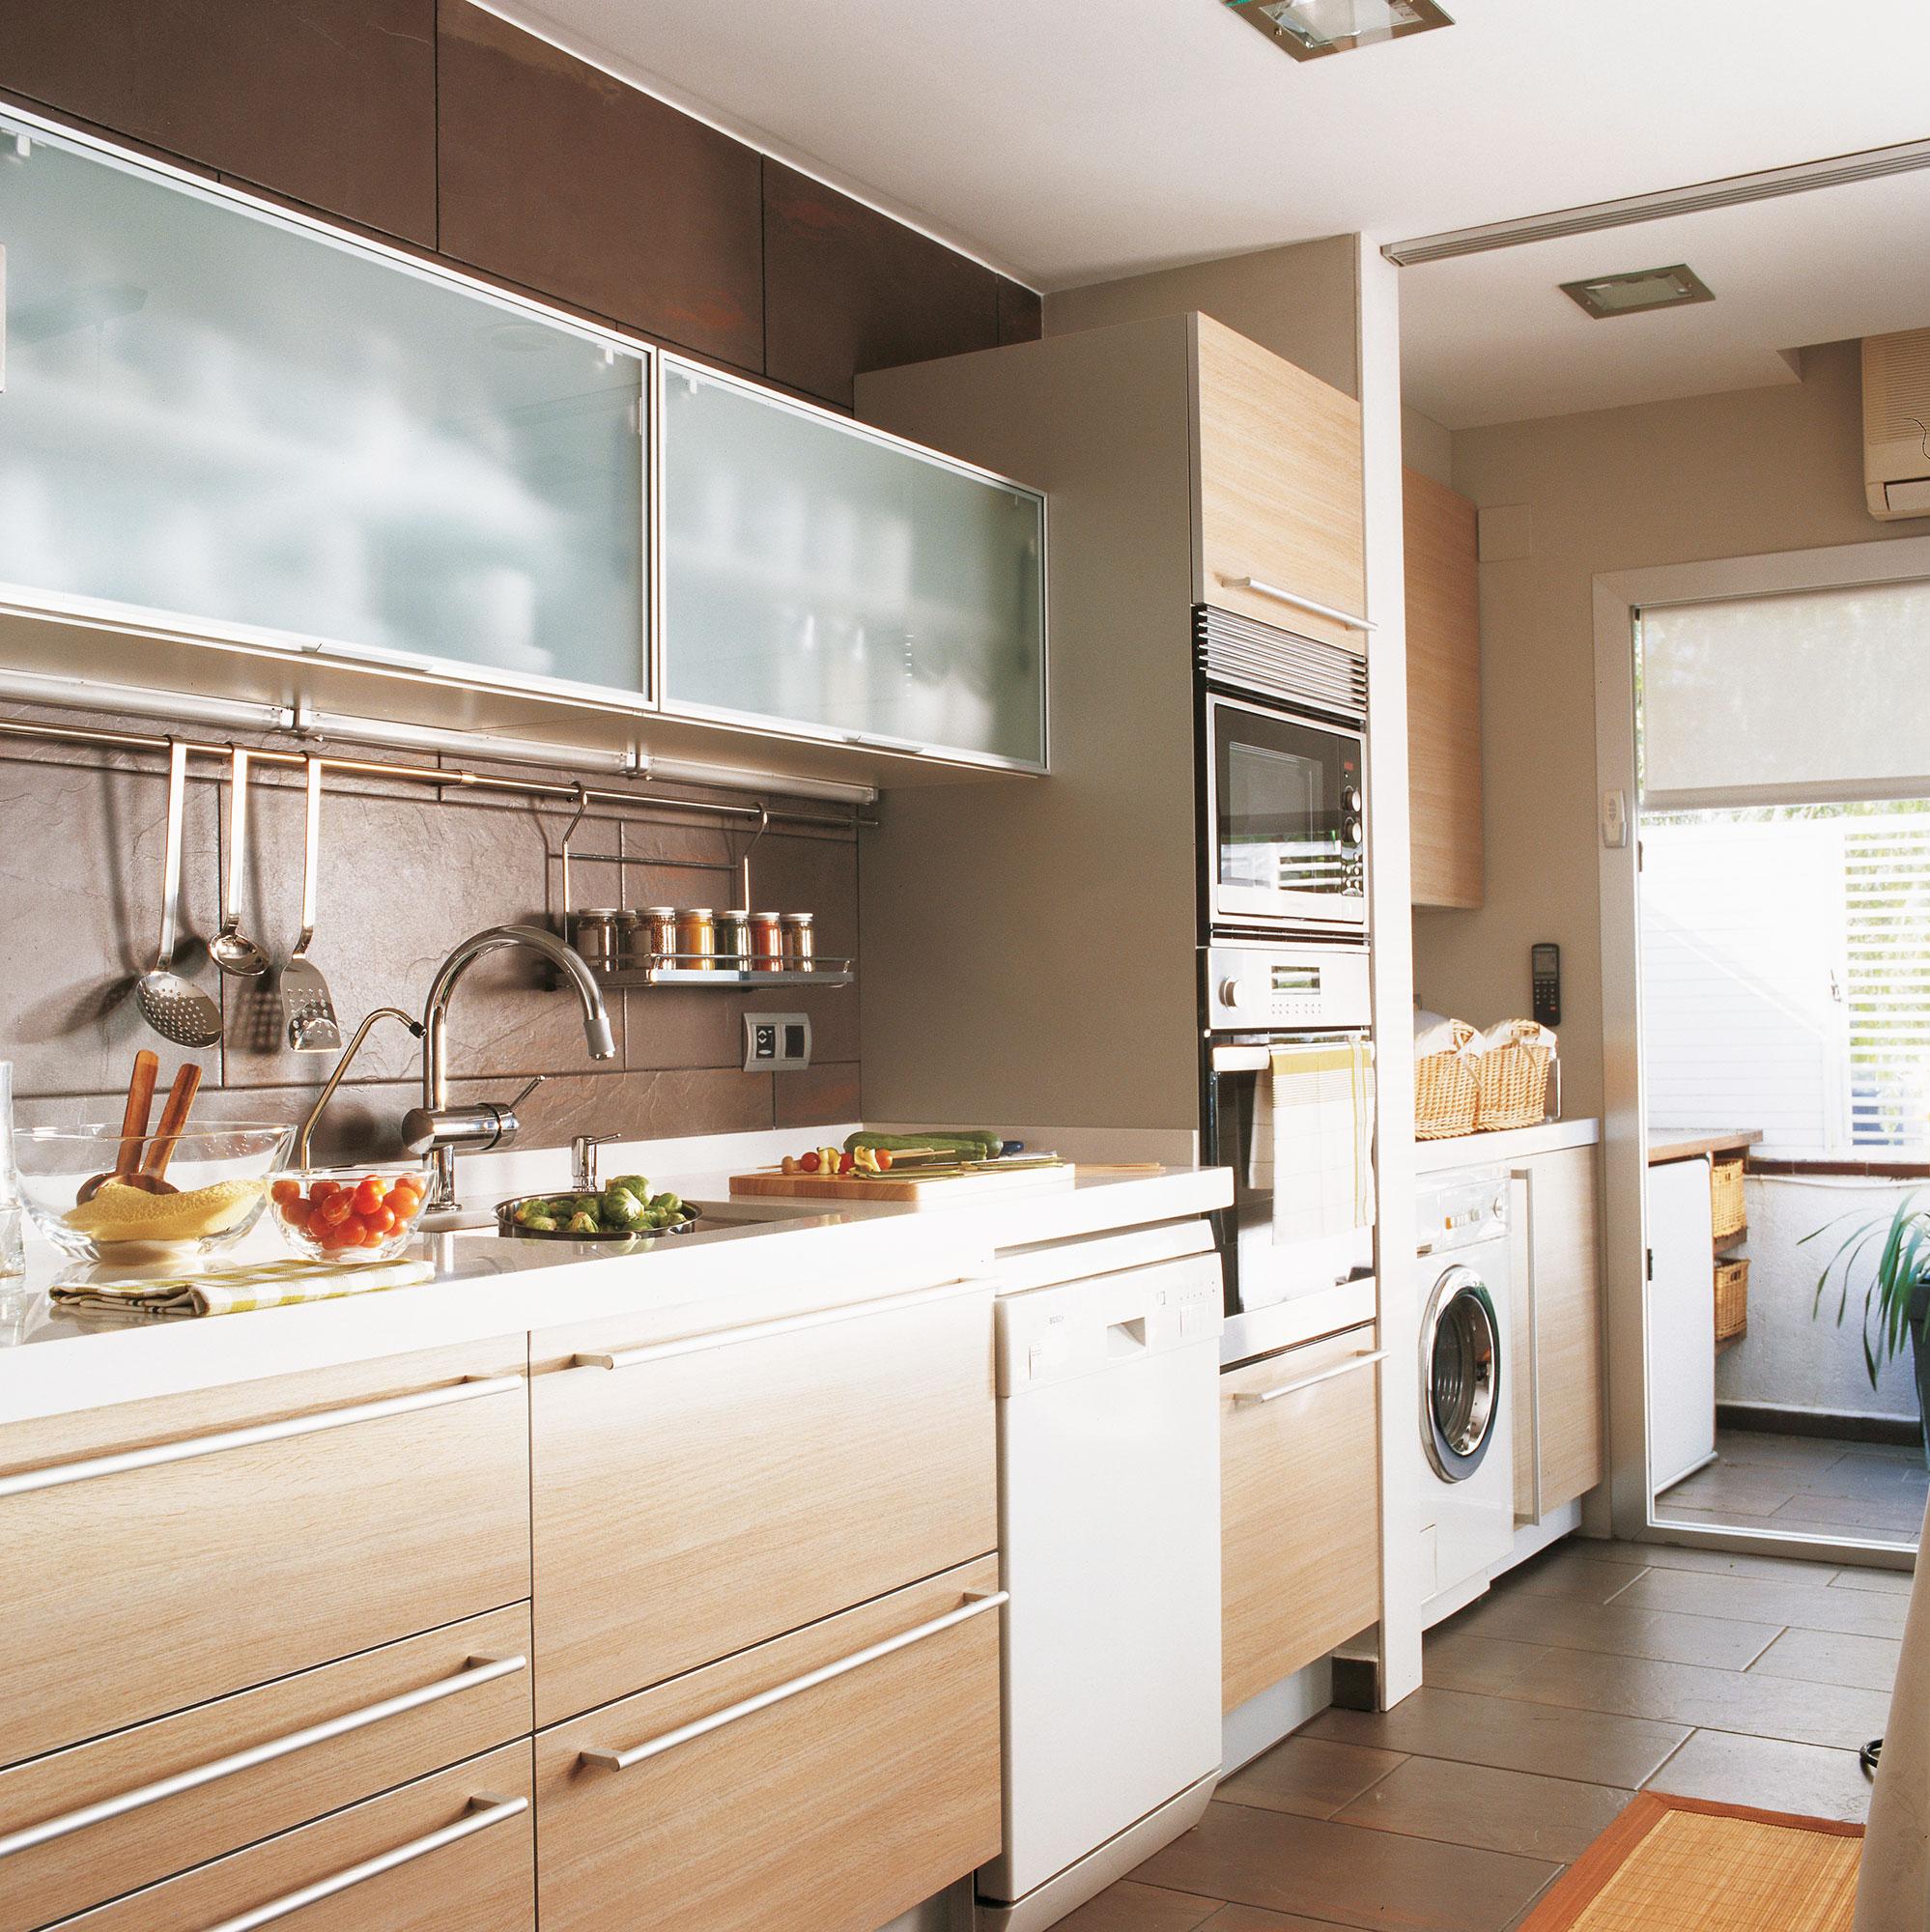 Muebles de cocina y lavadero 20170807165037 for Muebles cocina madera